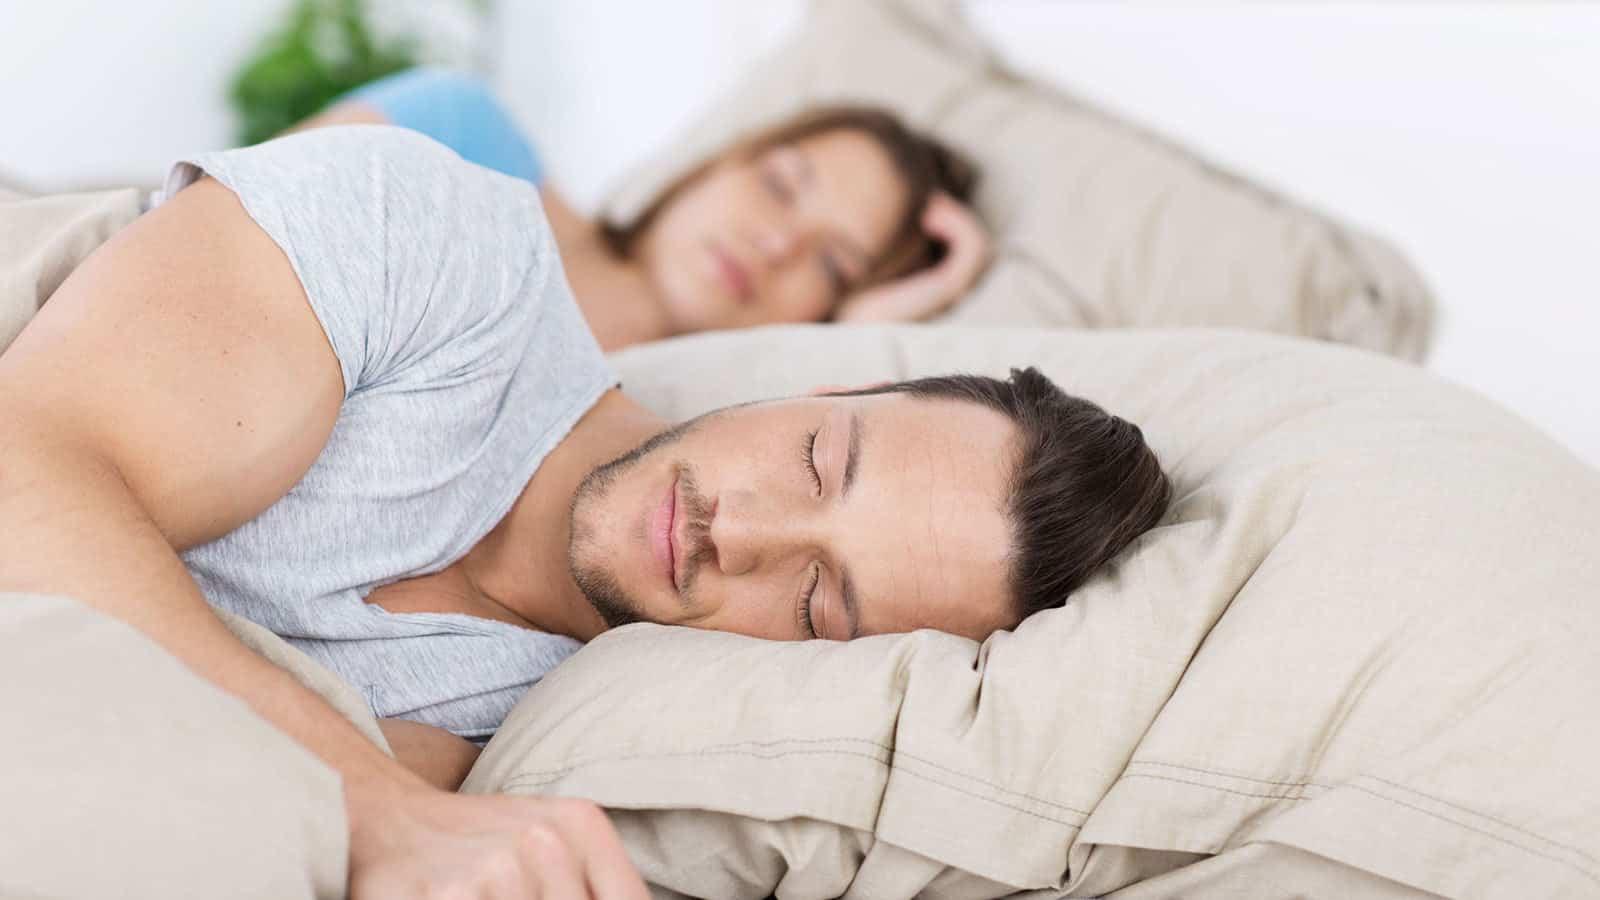 تفسير حلم النوم مع شخص اعرفه ورؤية من تحب في المنام لابن سيرين